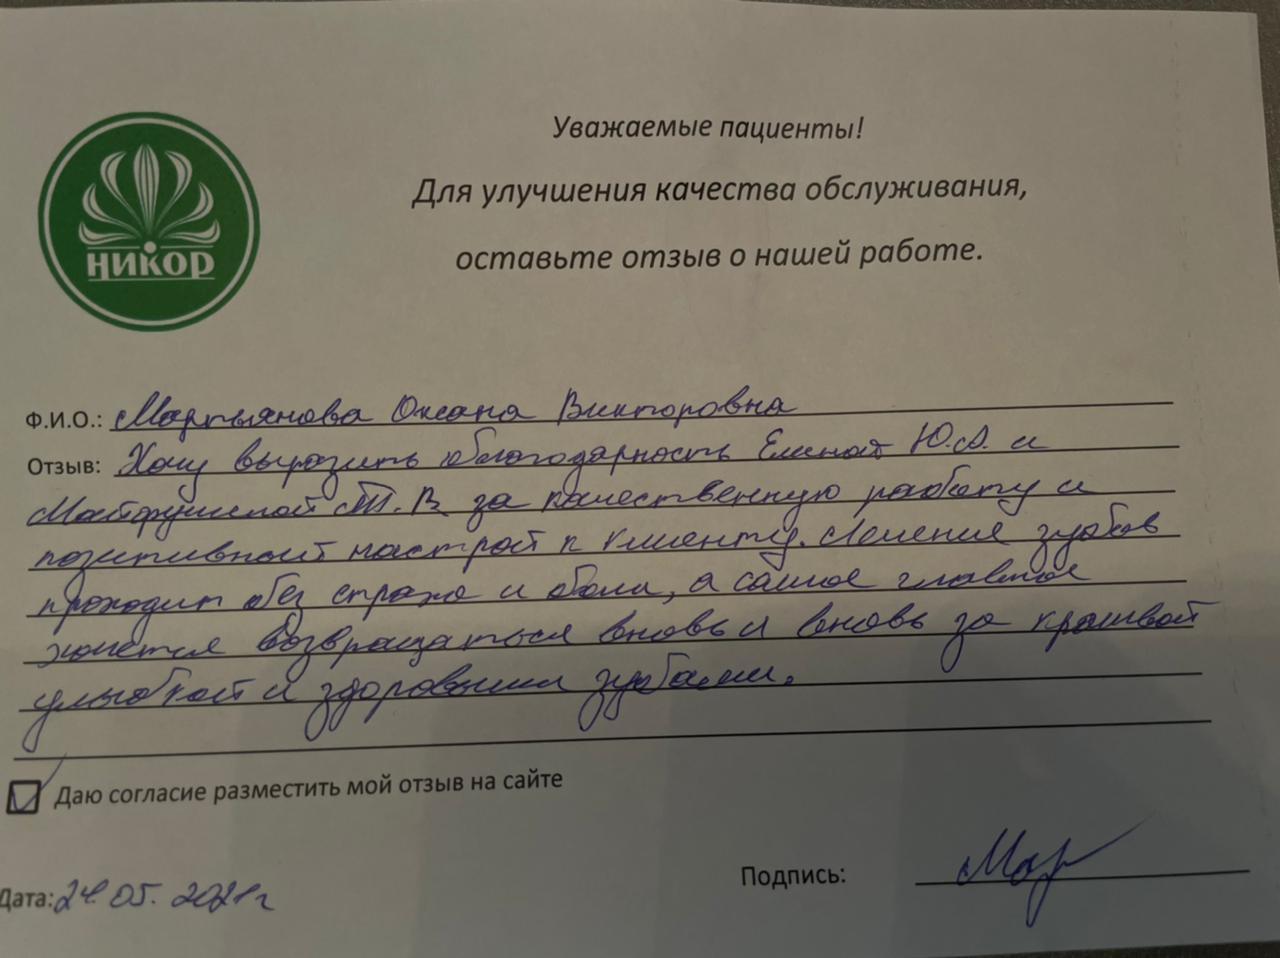 Оксана Викторовна М.